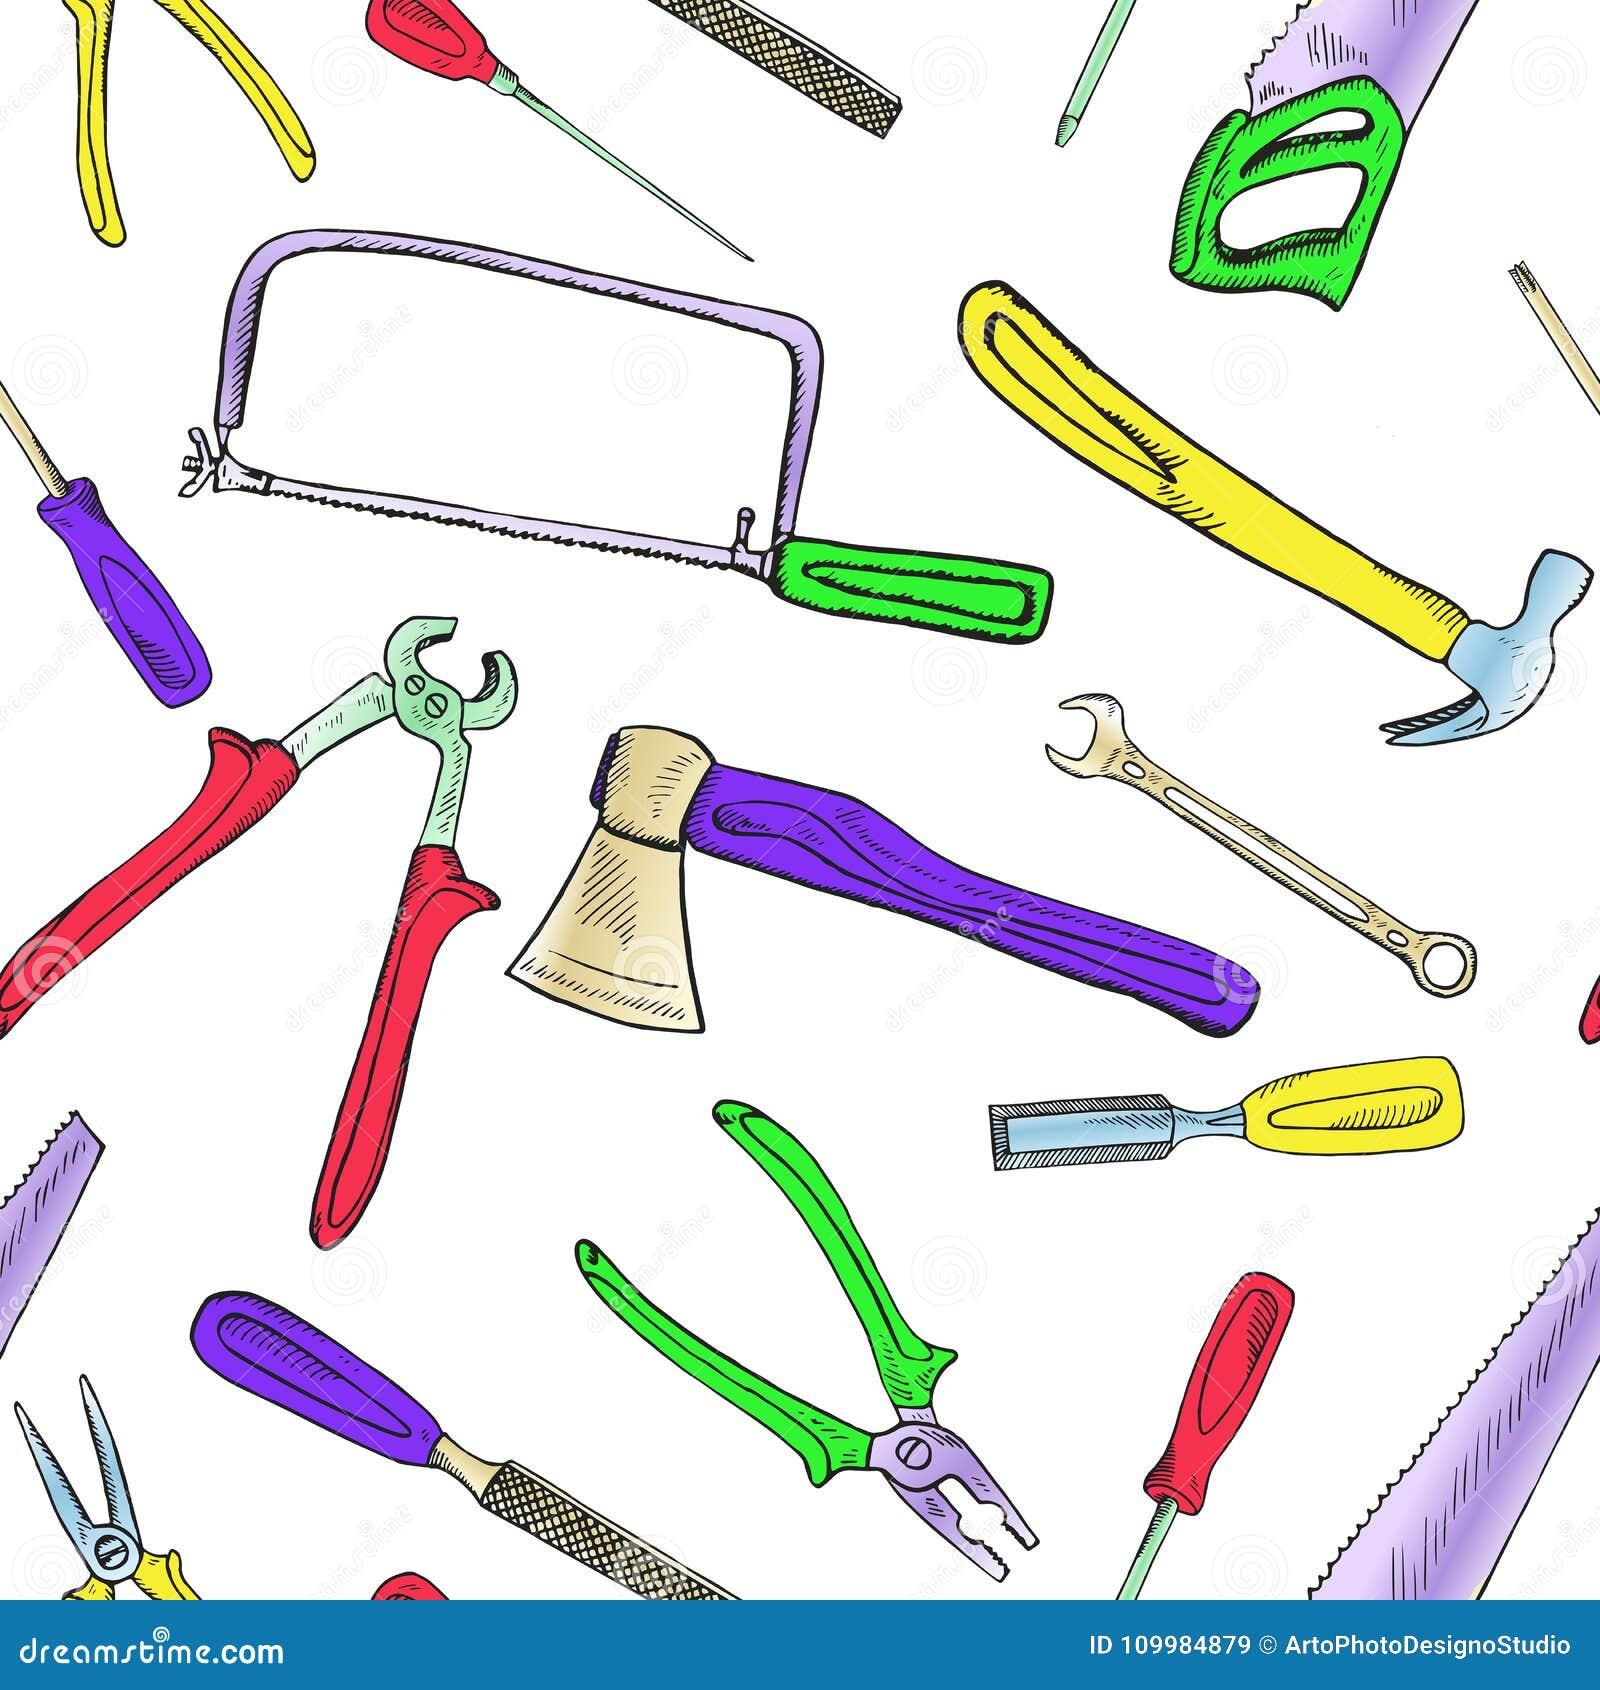 bunter handsaw, fertig werdene säge, meißel, bindeahle, hammer